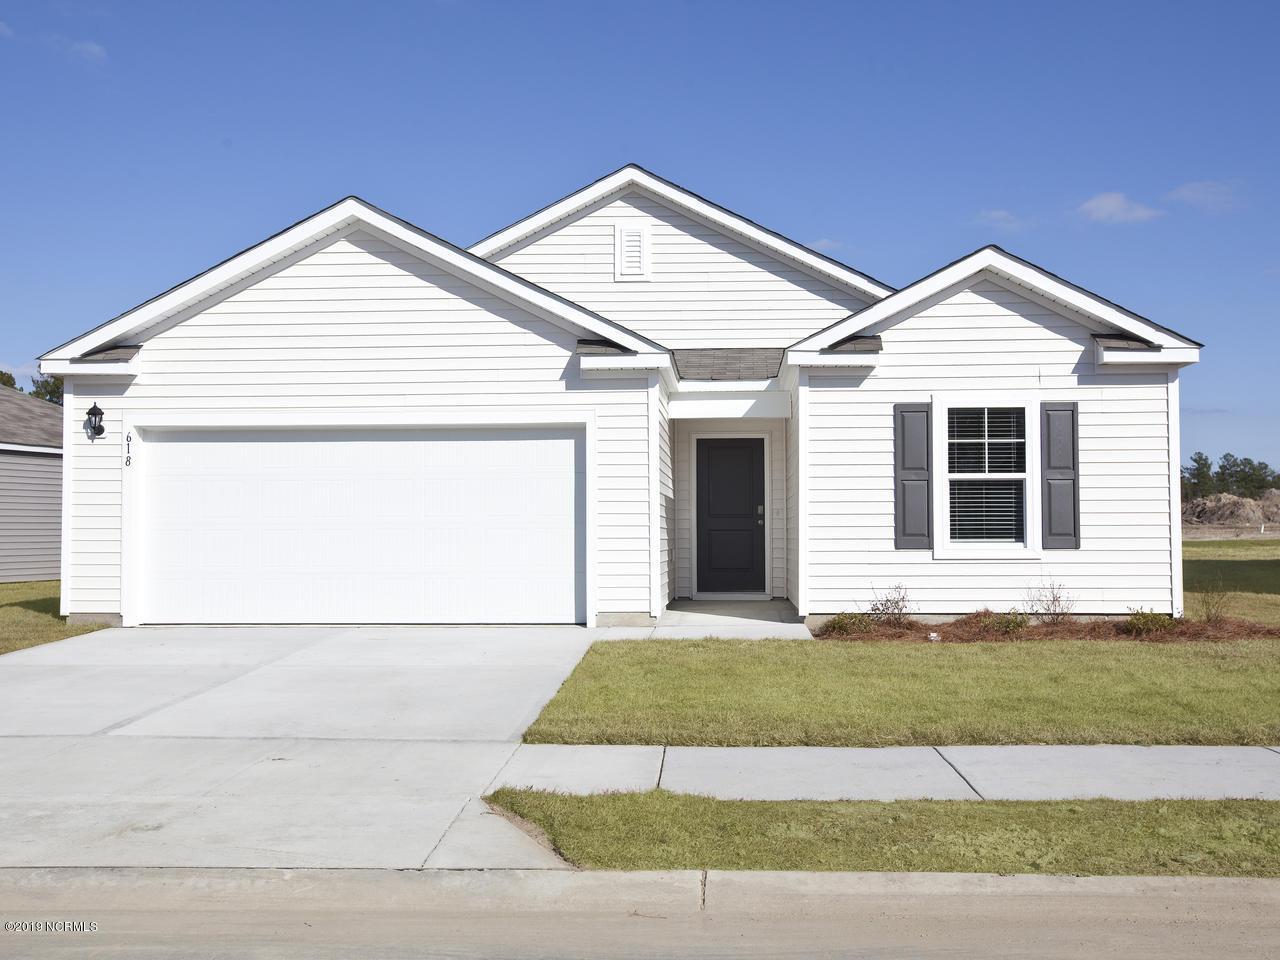 720 Loftus Way, Leland, North Carolina 28451, 3 Bedrooms Bedrooms, ,2 BathroomsBathrooms,Residential,For Sale,Loftus,100225209